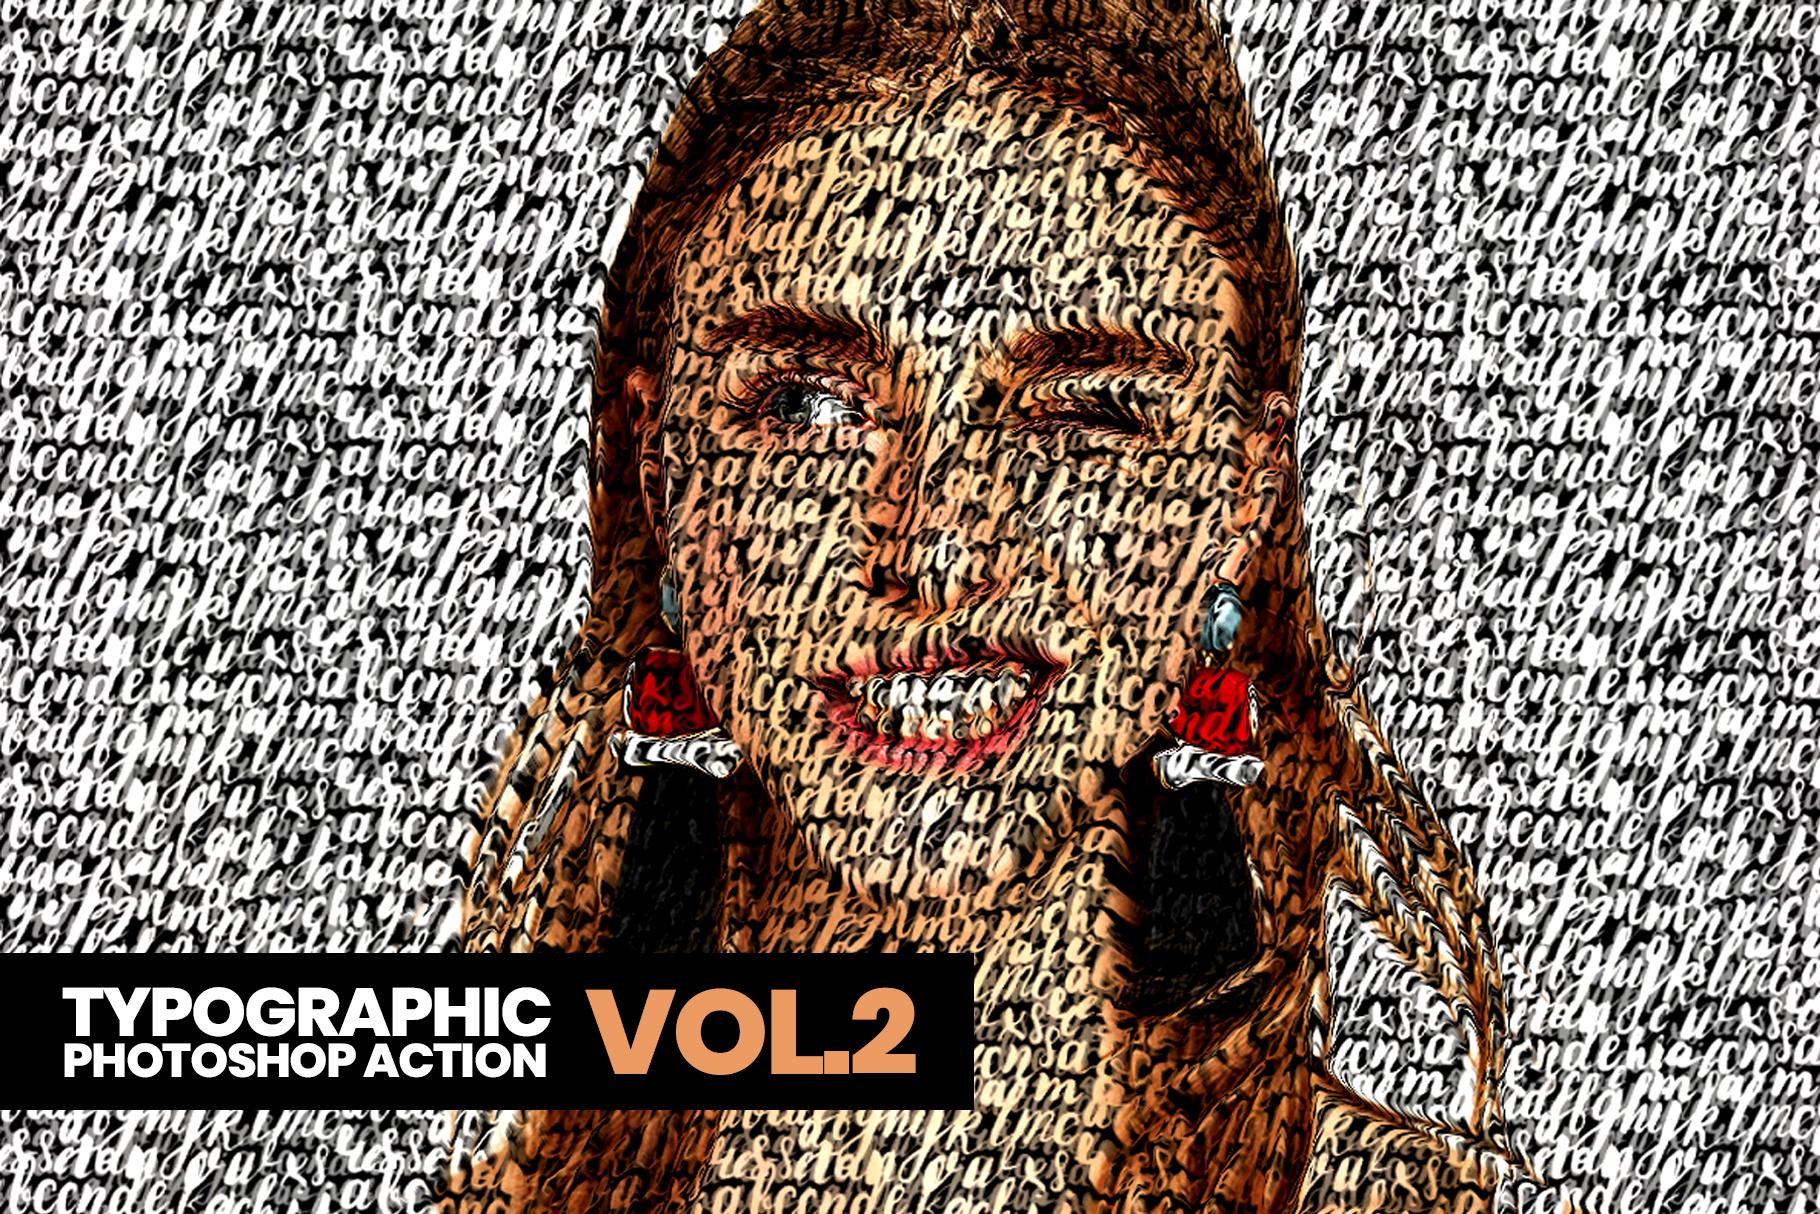 Typographic Photoshop Action example image 2